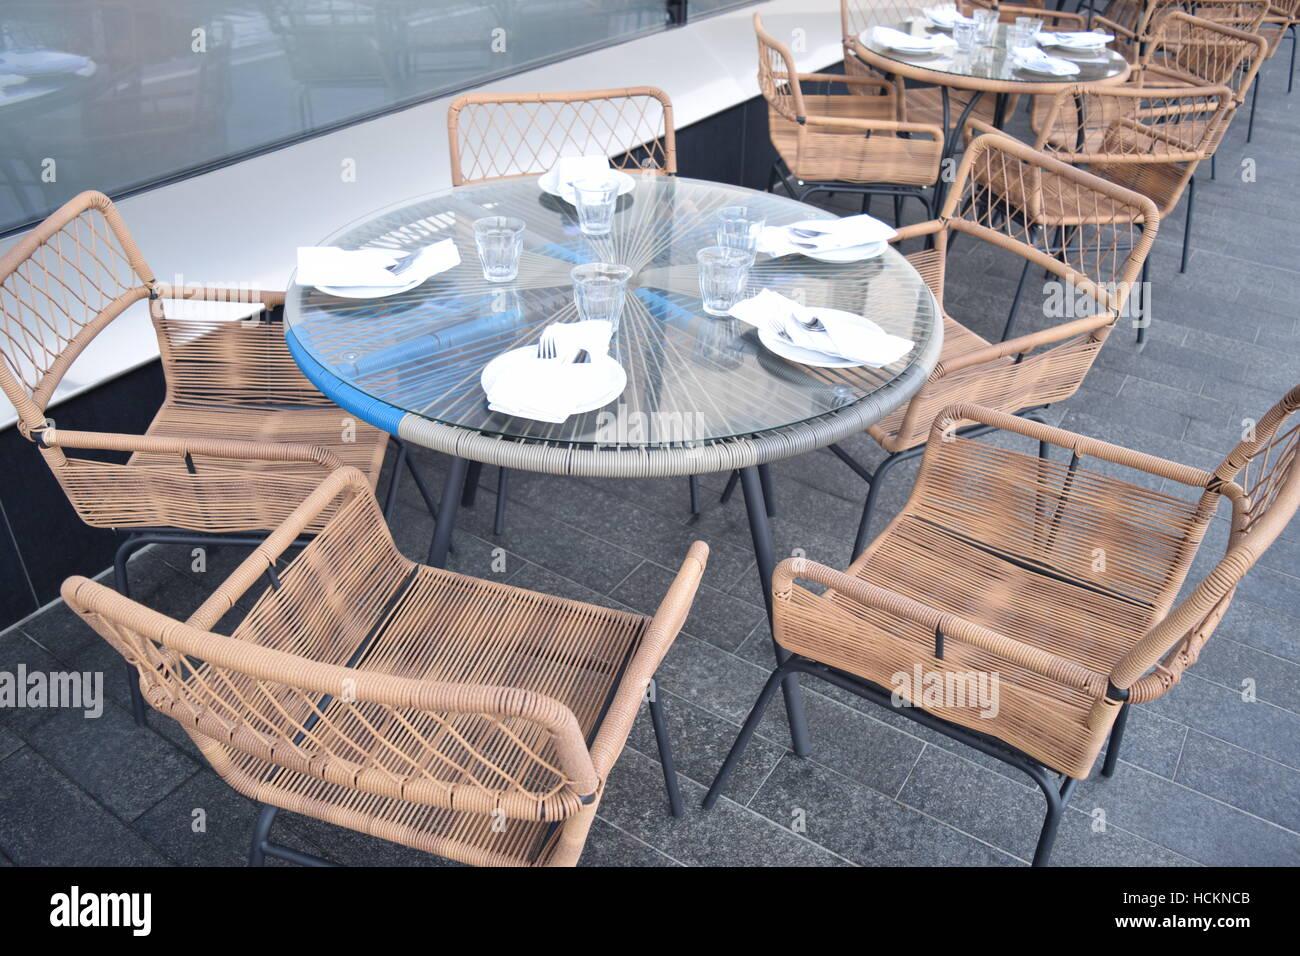 Perspective Chaises Table Restaurant En Un D'une Dans Autour De Bois f76mIbyvgY